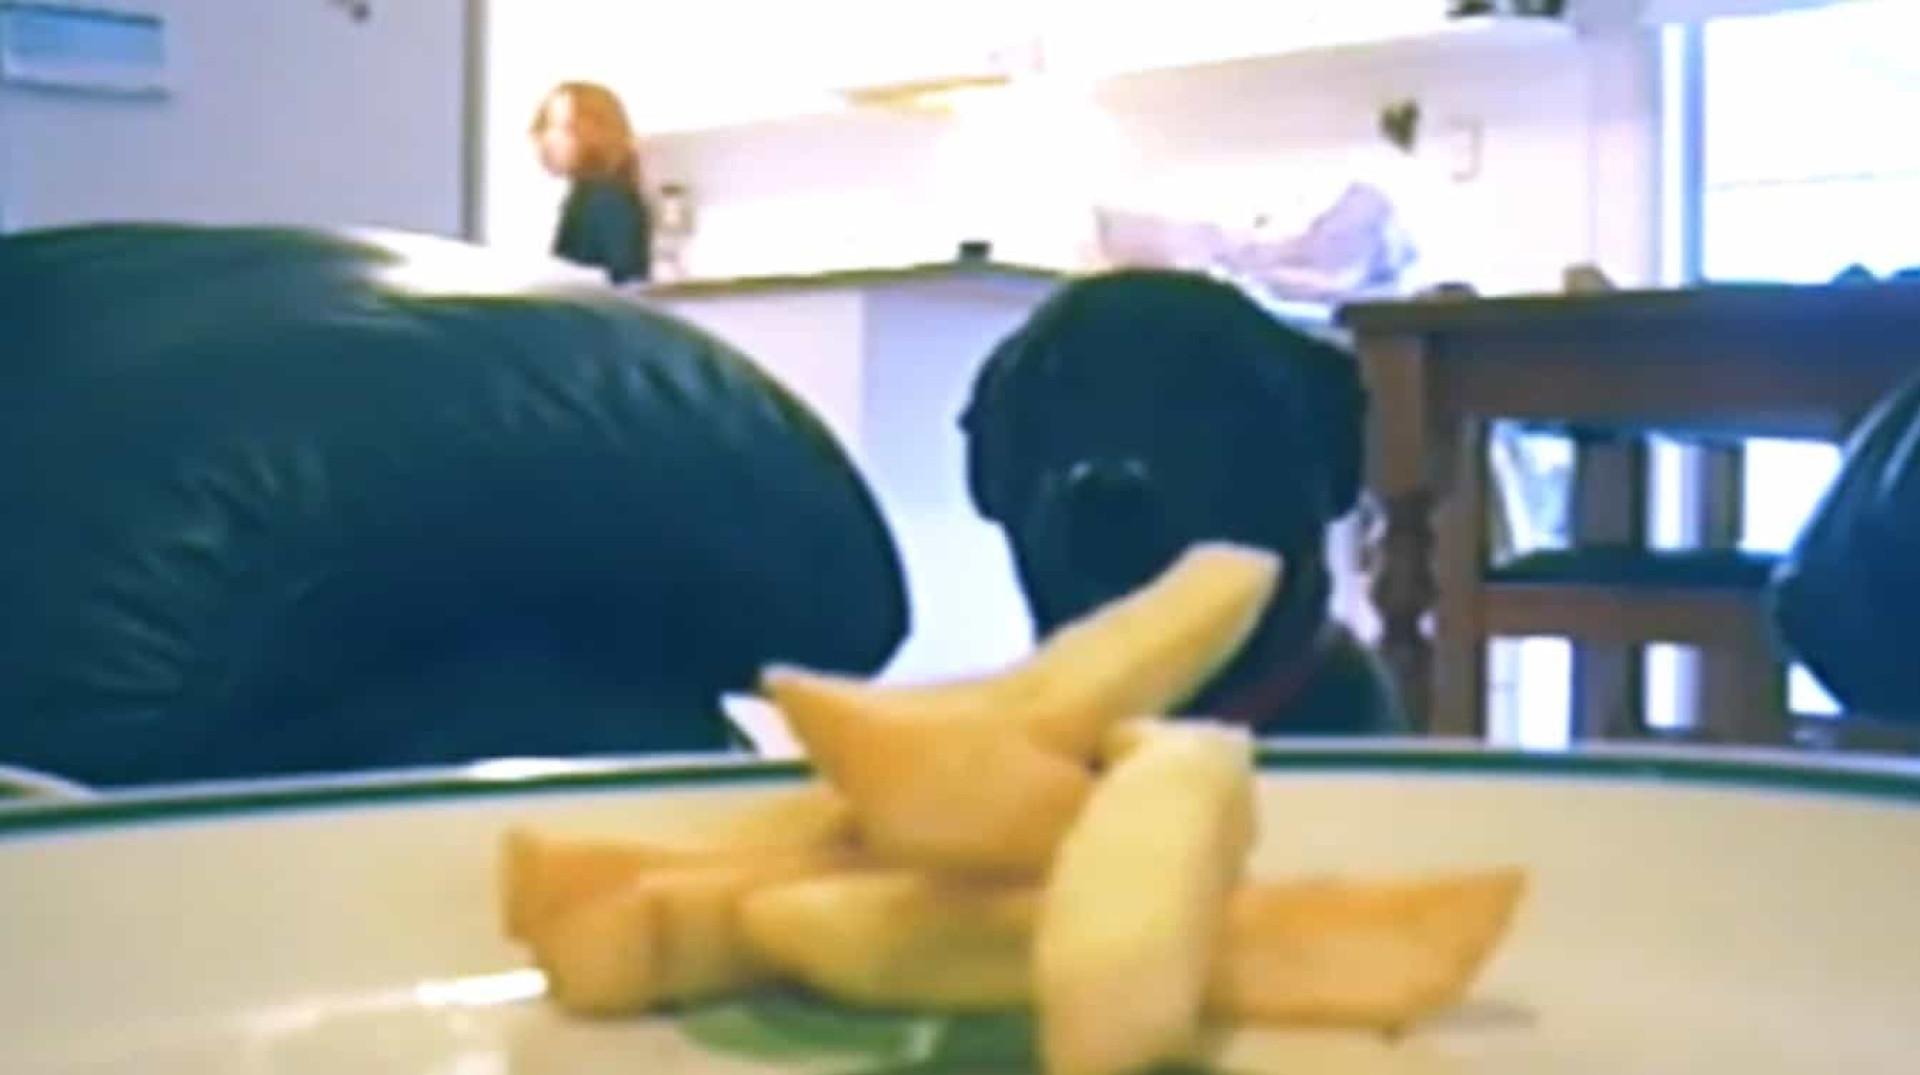 Cão espera que dona saia para roubar batata. Imagens adoráveis